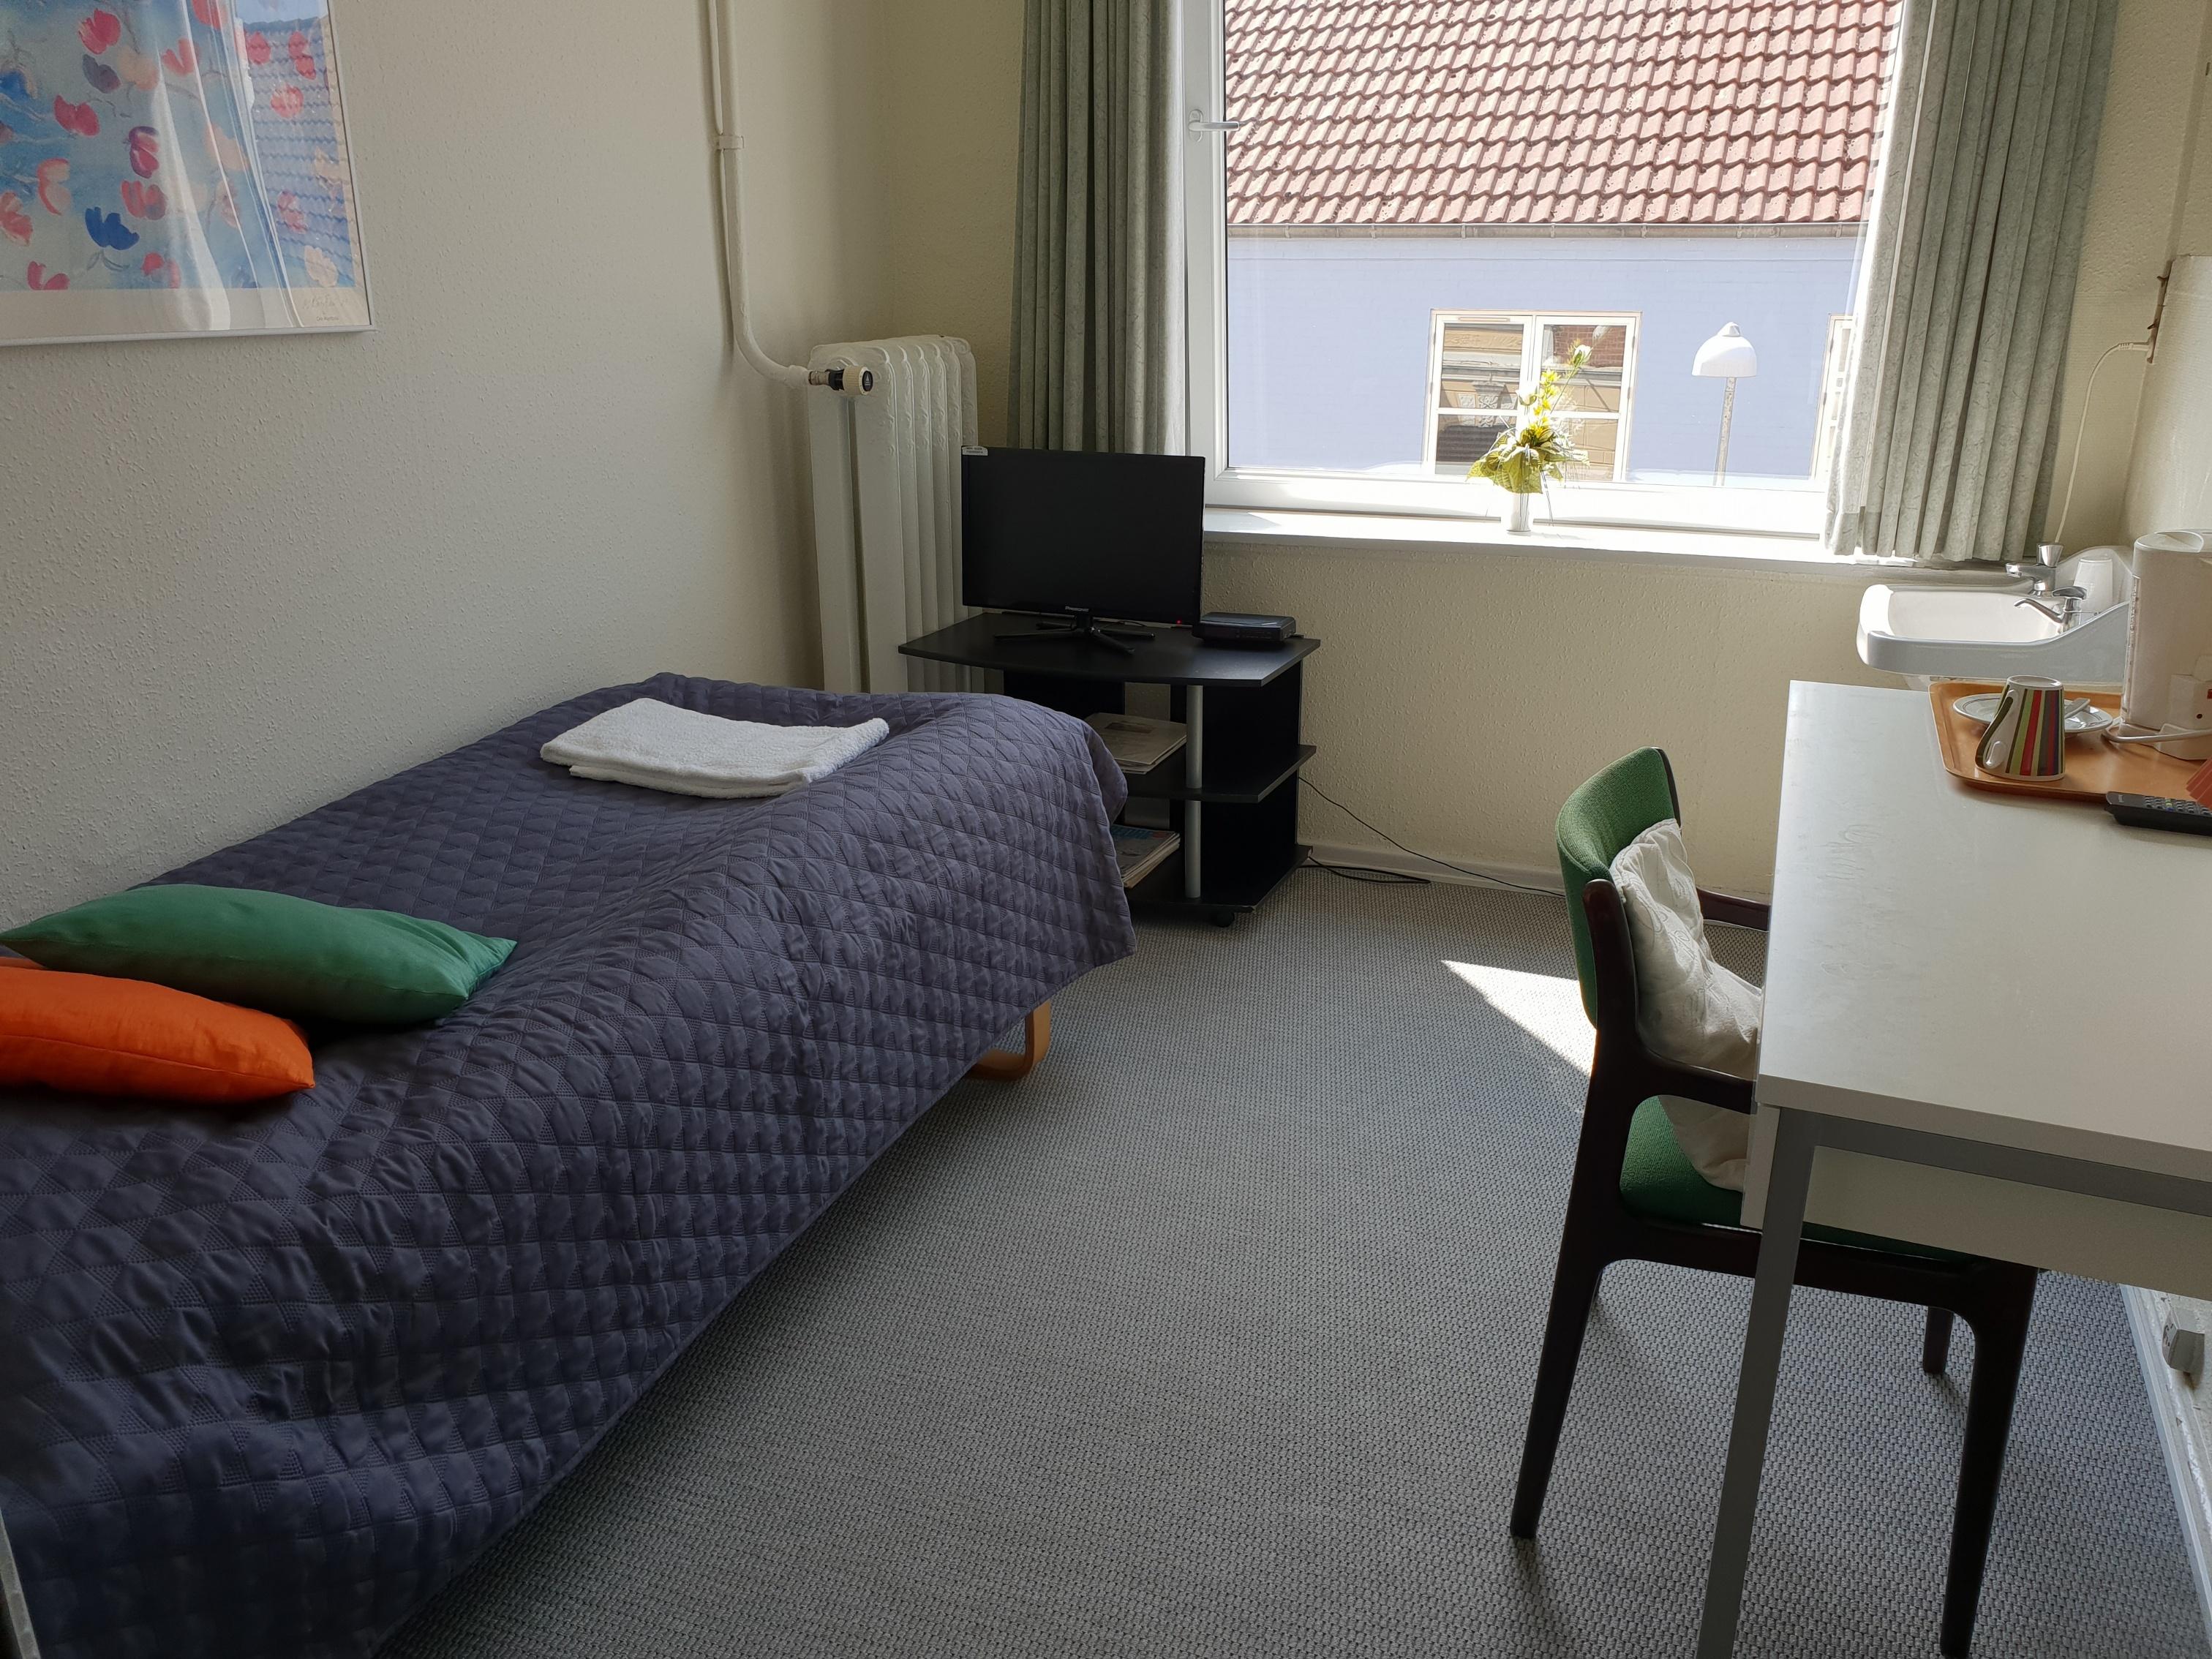 Enkelt værelse billede 1